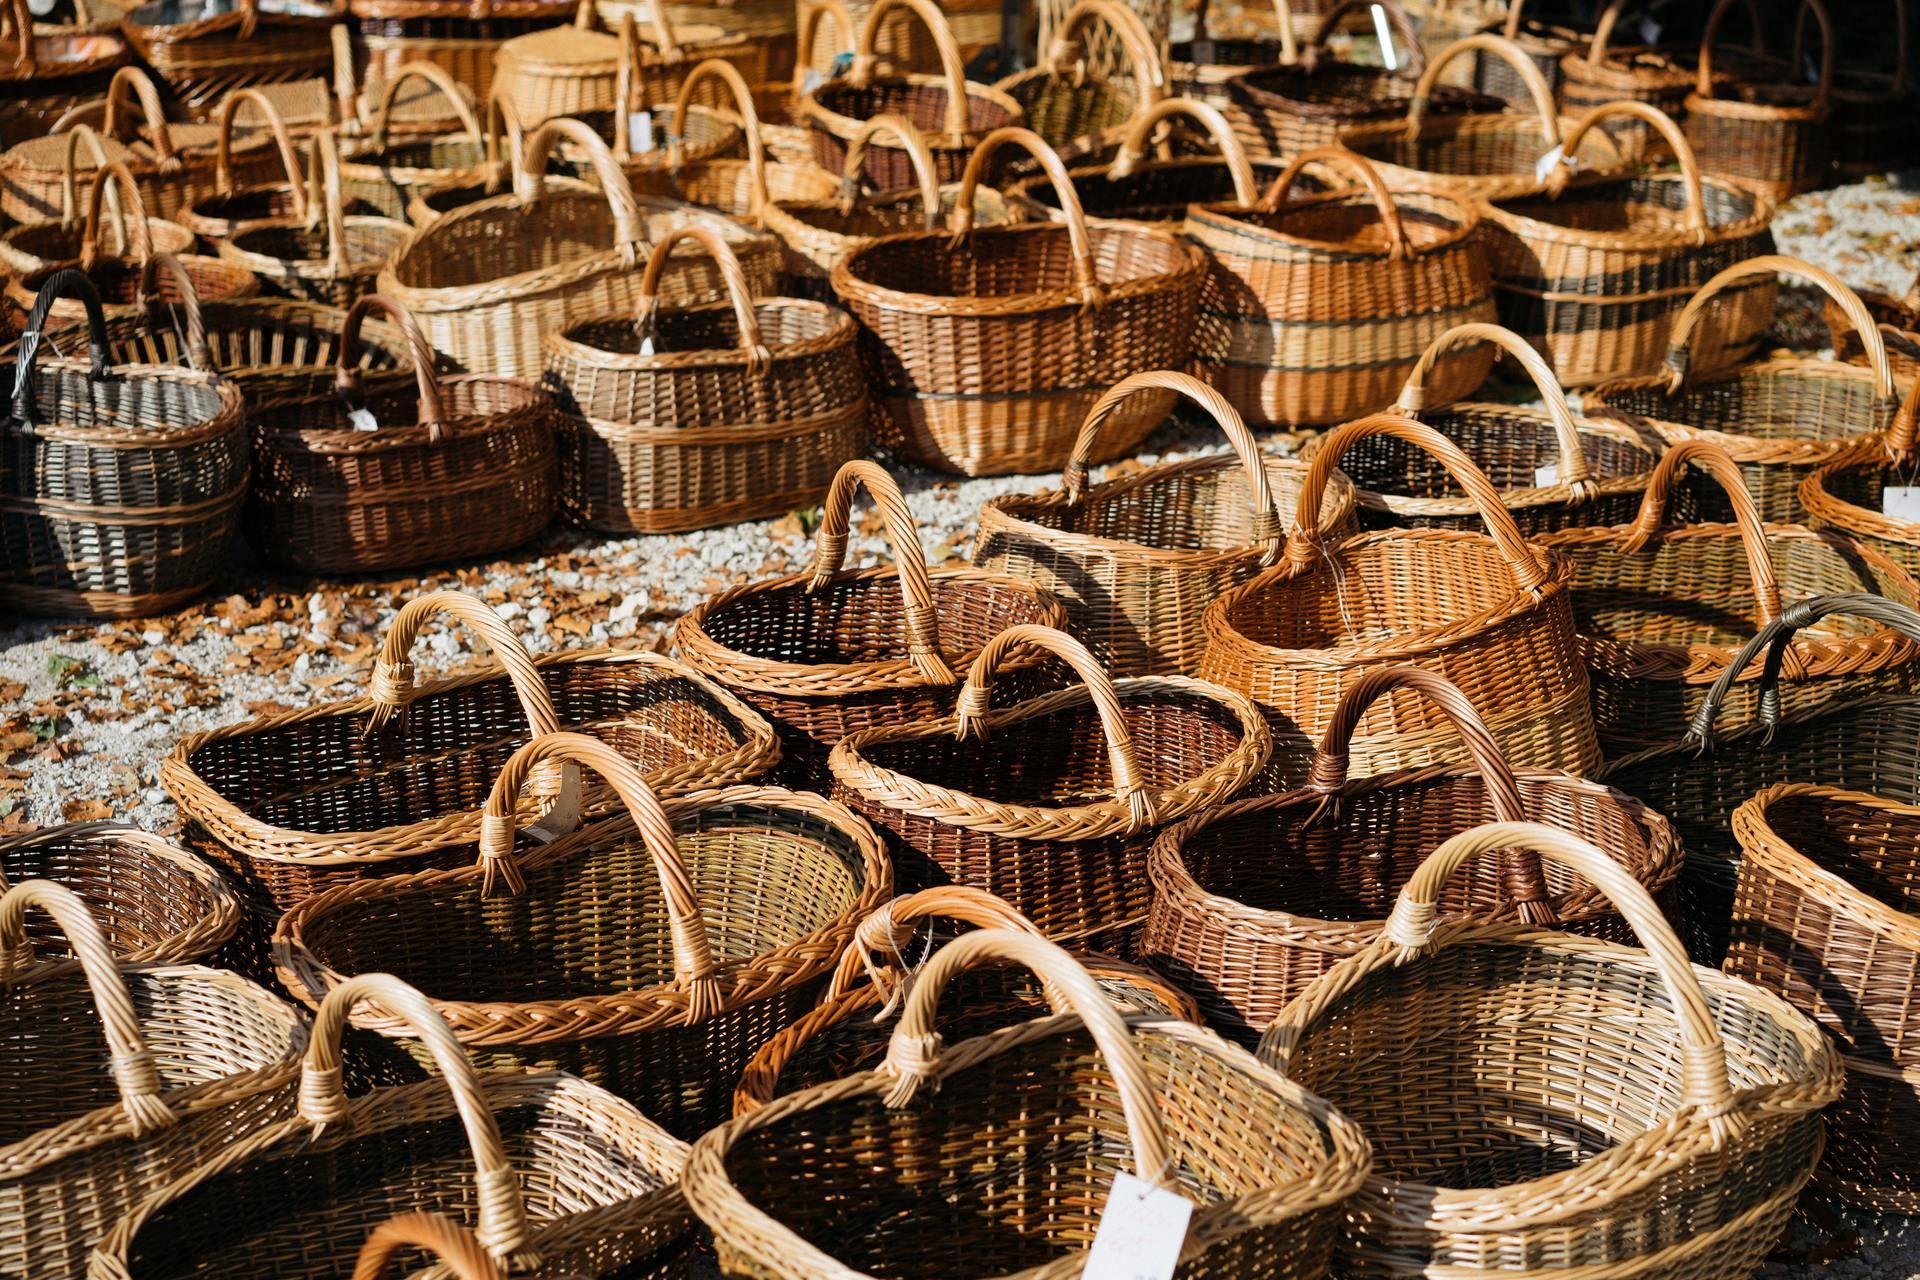 中国传统艺术在现代酒包装设计中的应用研究